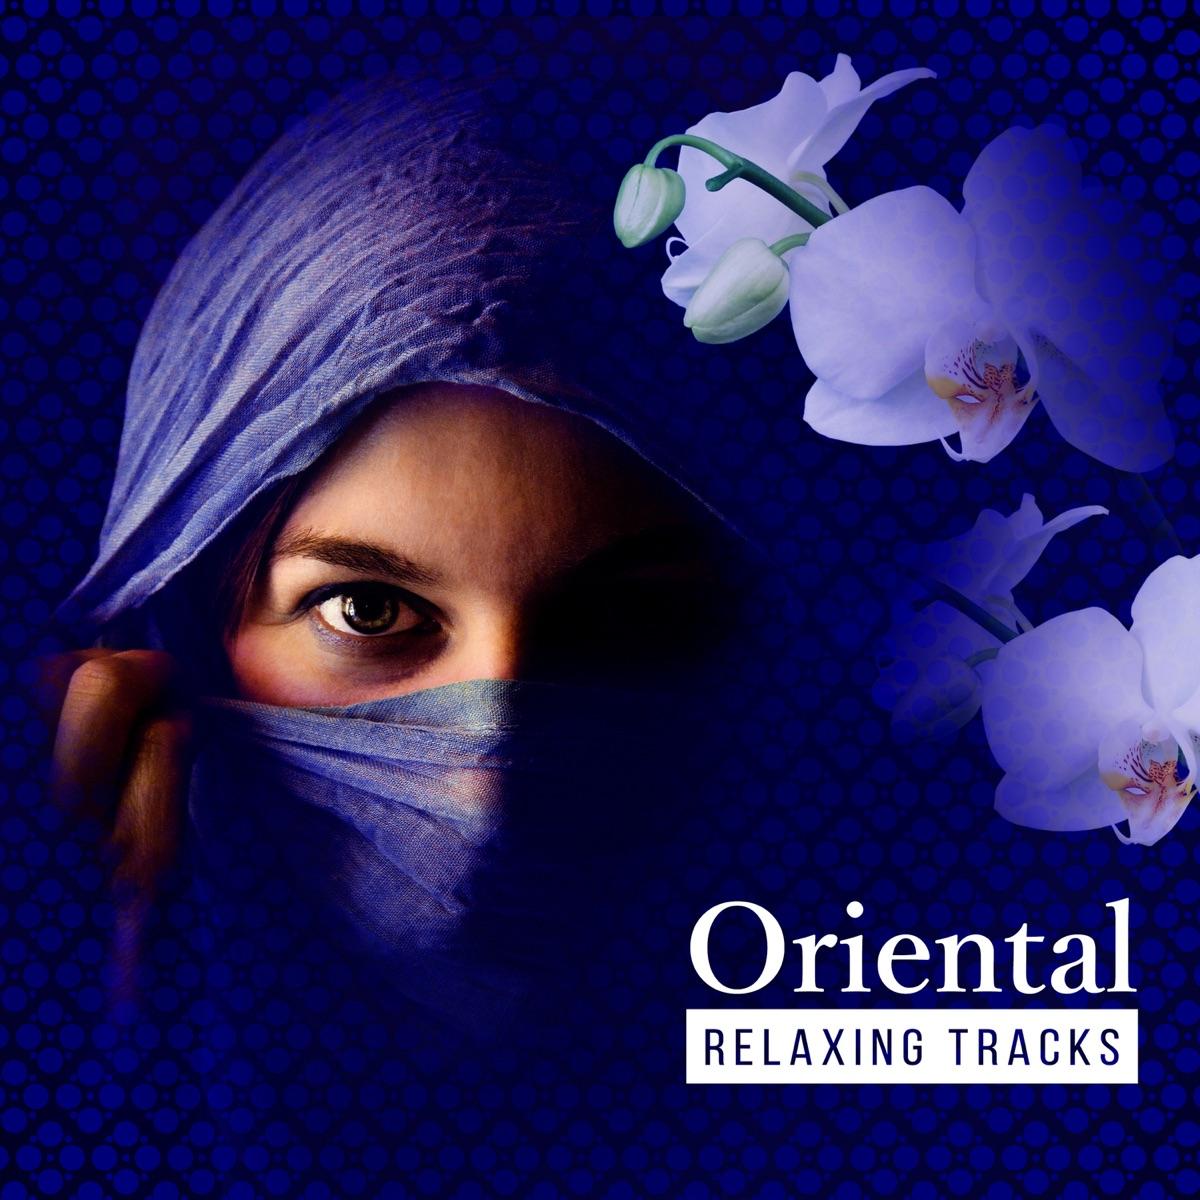 Oriental Relaxing Tracks: Asian Zen Meditation Music for